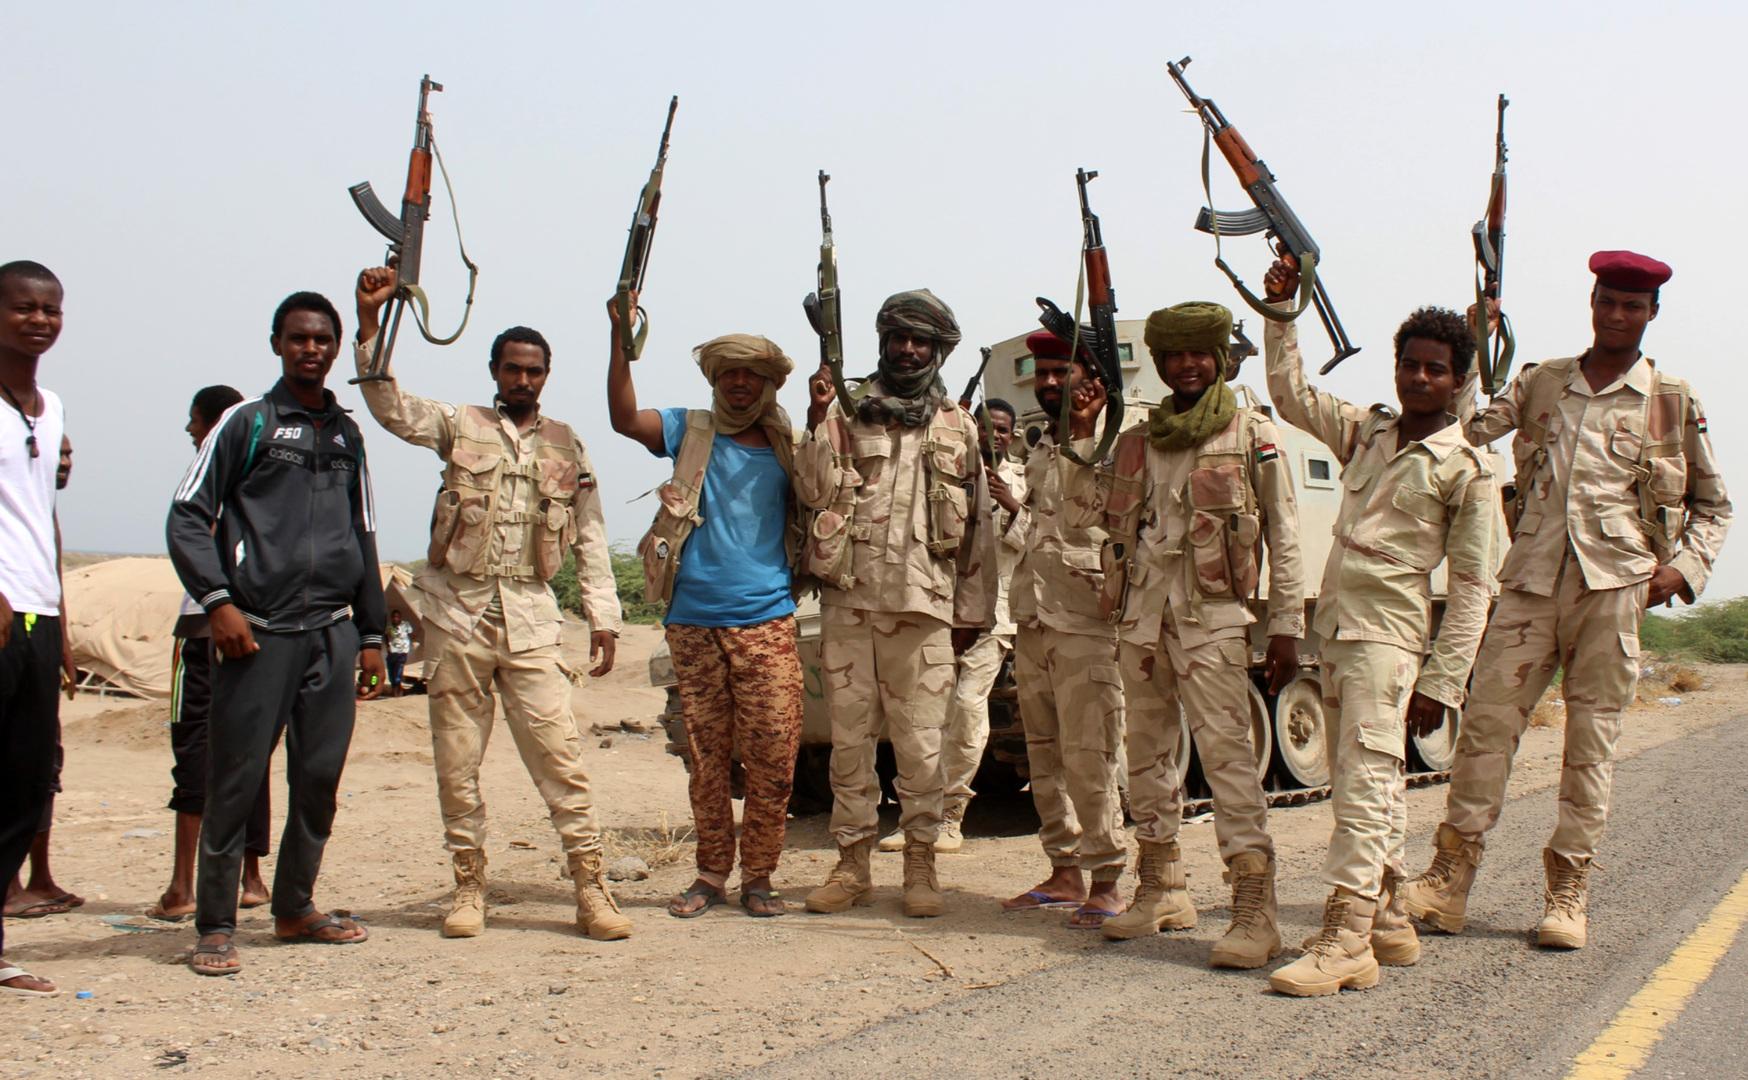 عناصر من الجيش السوداني مع مقاتلين من القوات اليمنية الحكومية